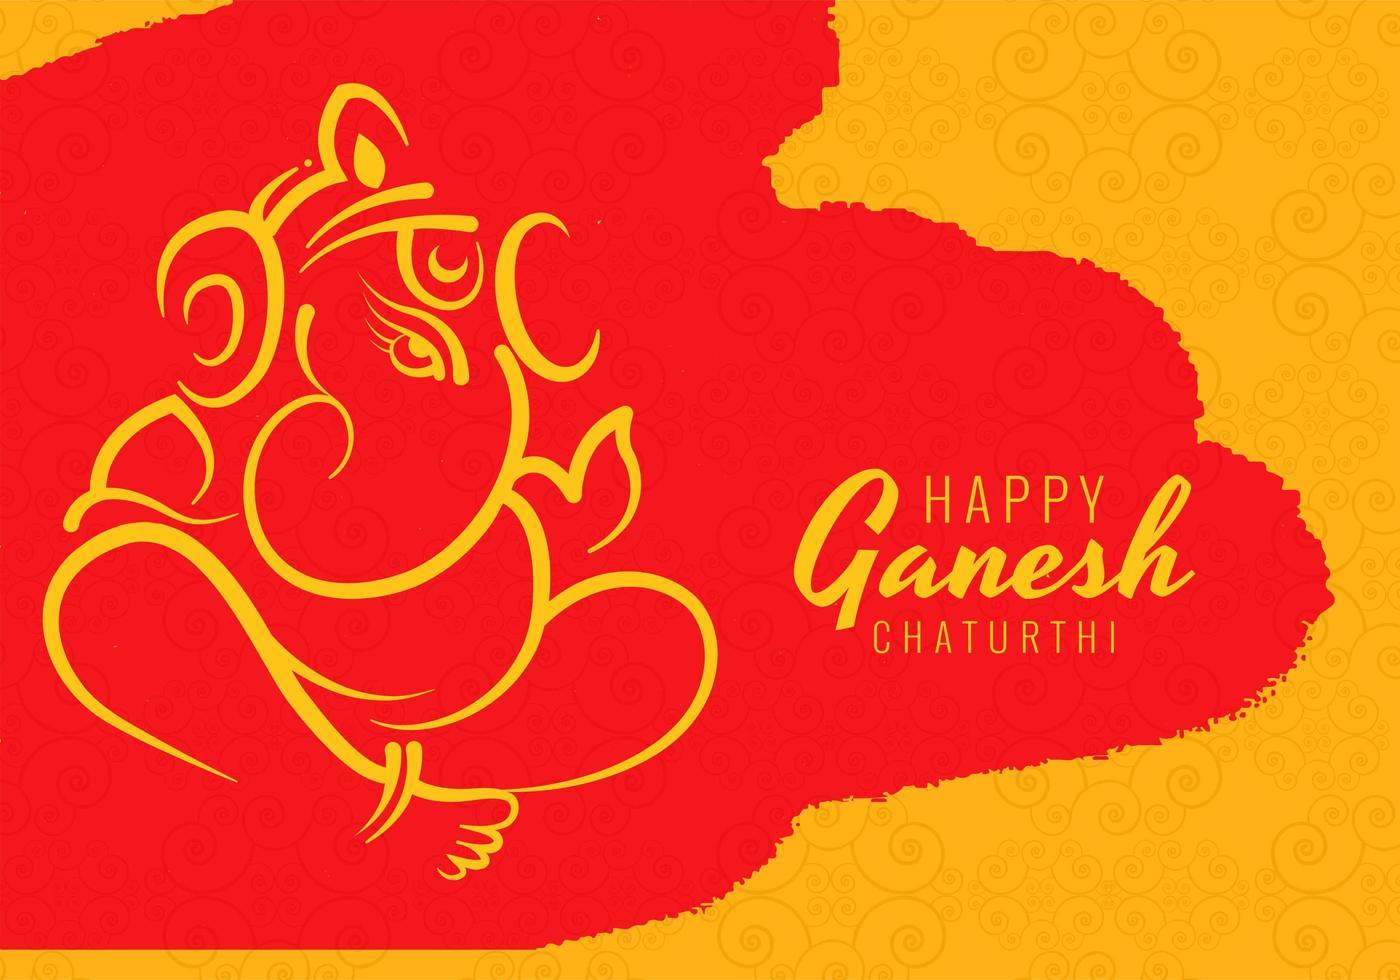 glückliches ganesh chaturthi utsav Festival auf rotem Fleckhintergrund vektor